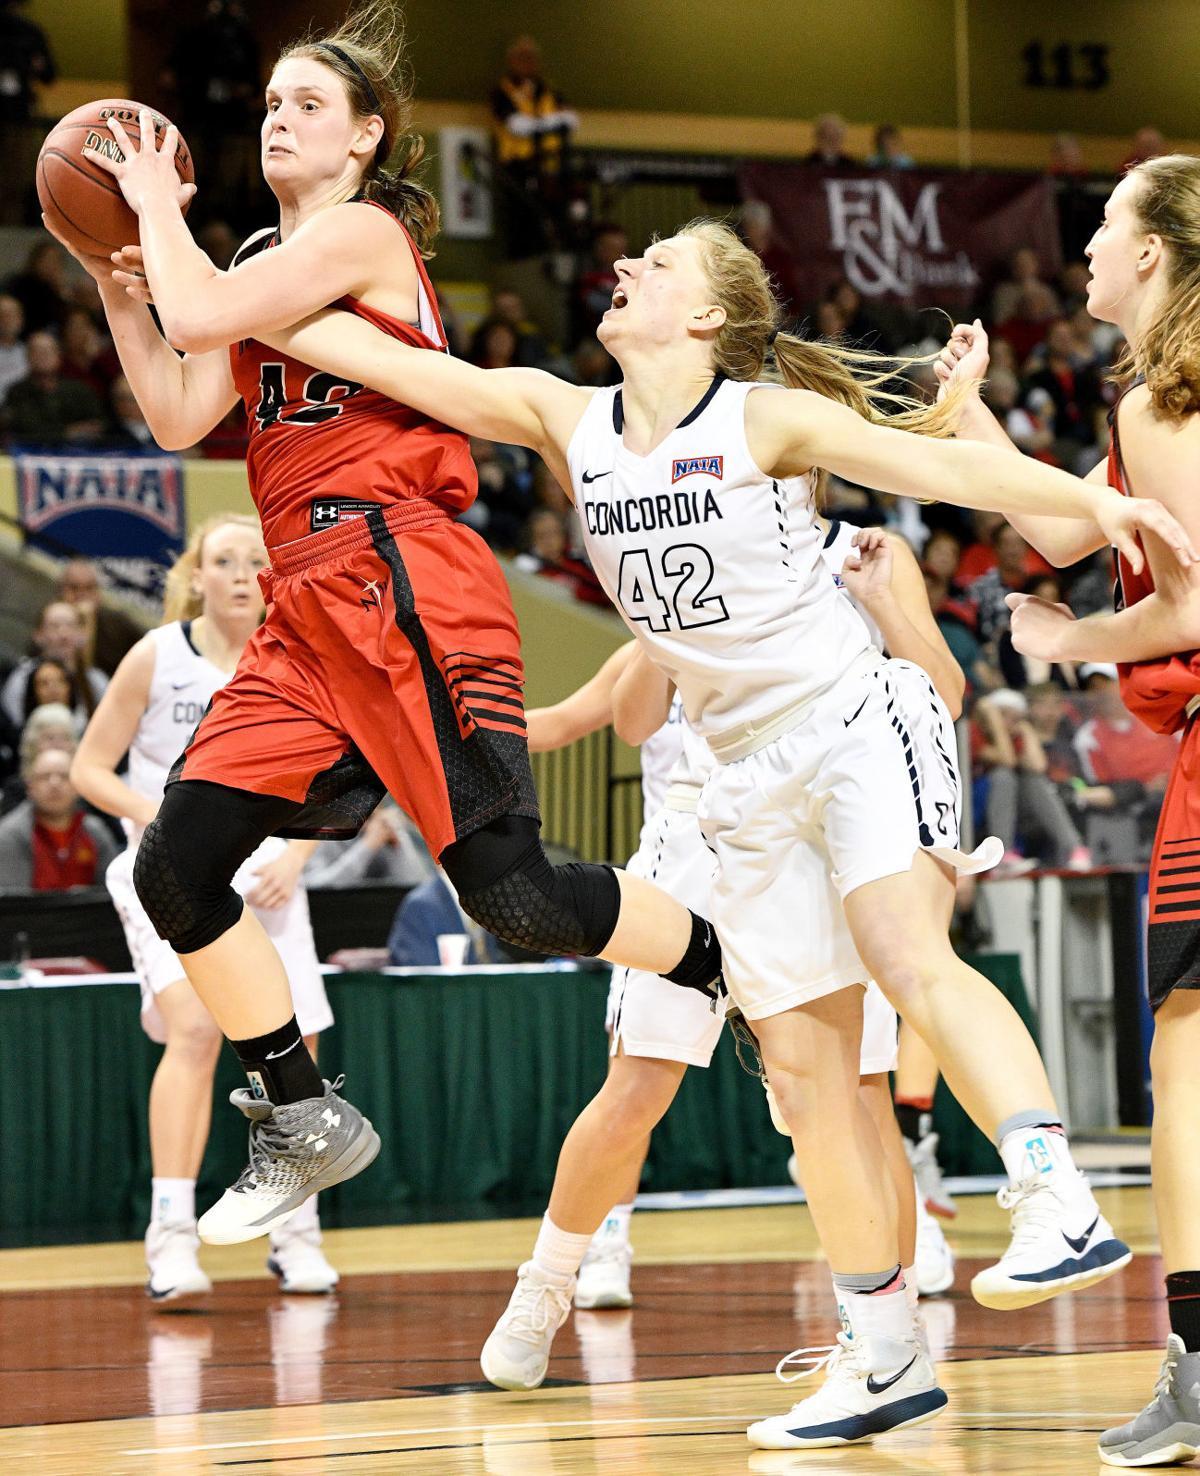 Northwestern College vs Concordia NAIA basketball